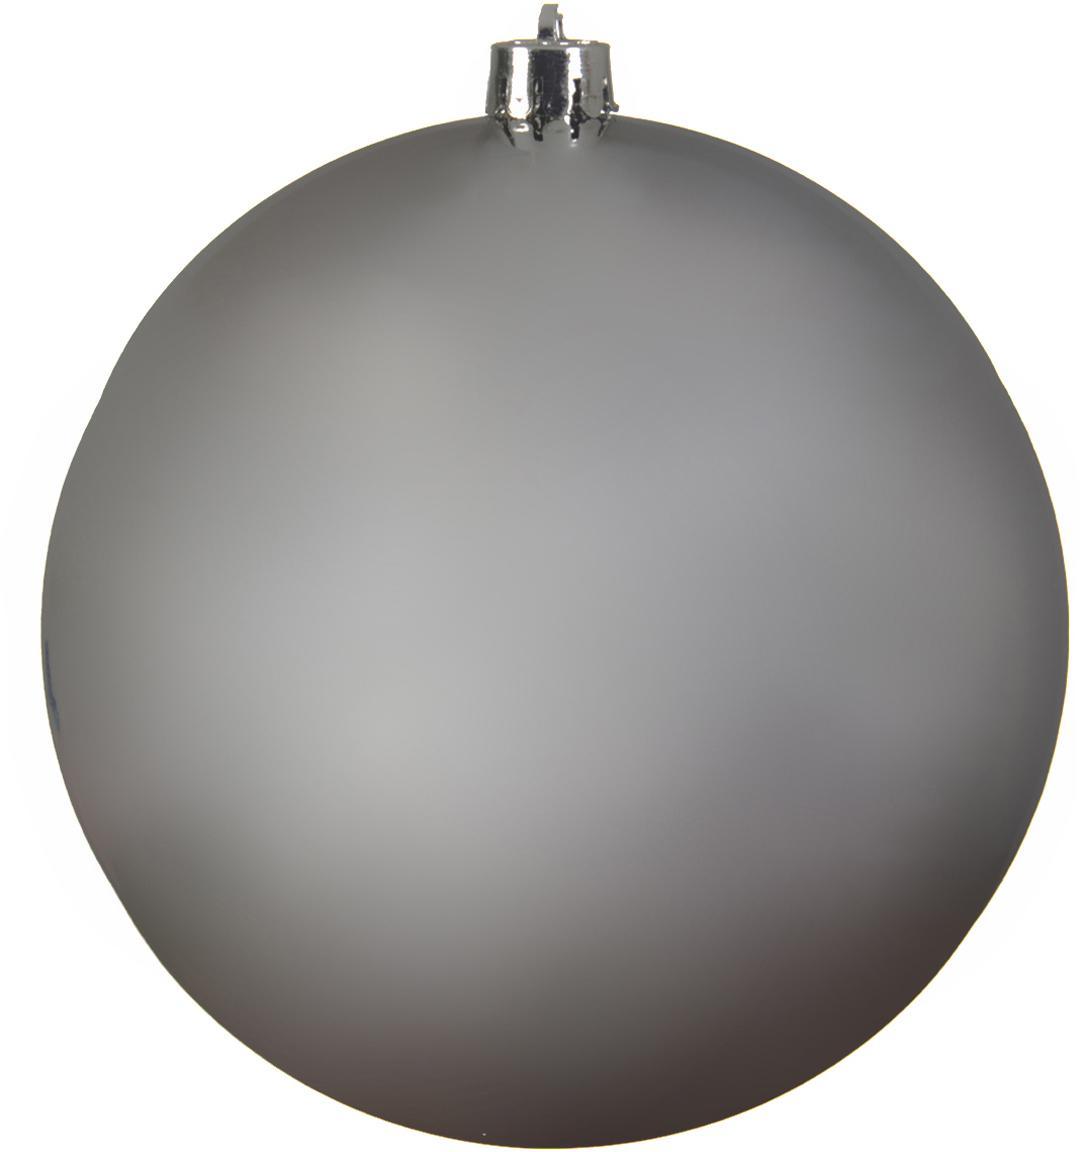 XL Weihnachtskugel Minstix Ø20cm, Kunststoff, Silberfarben, Ø 20 cm